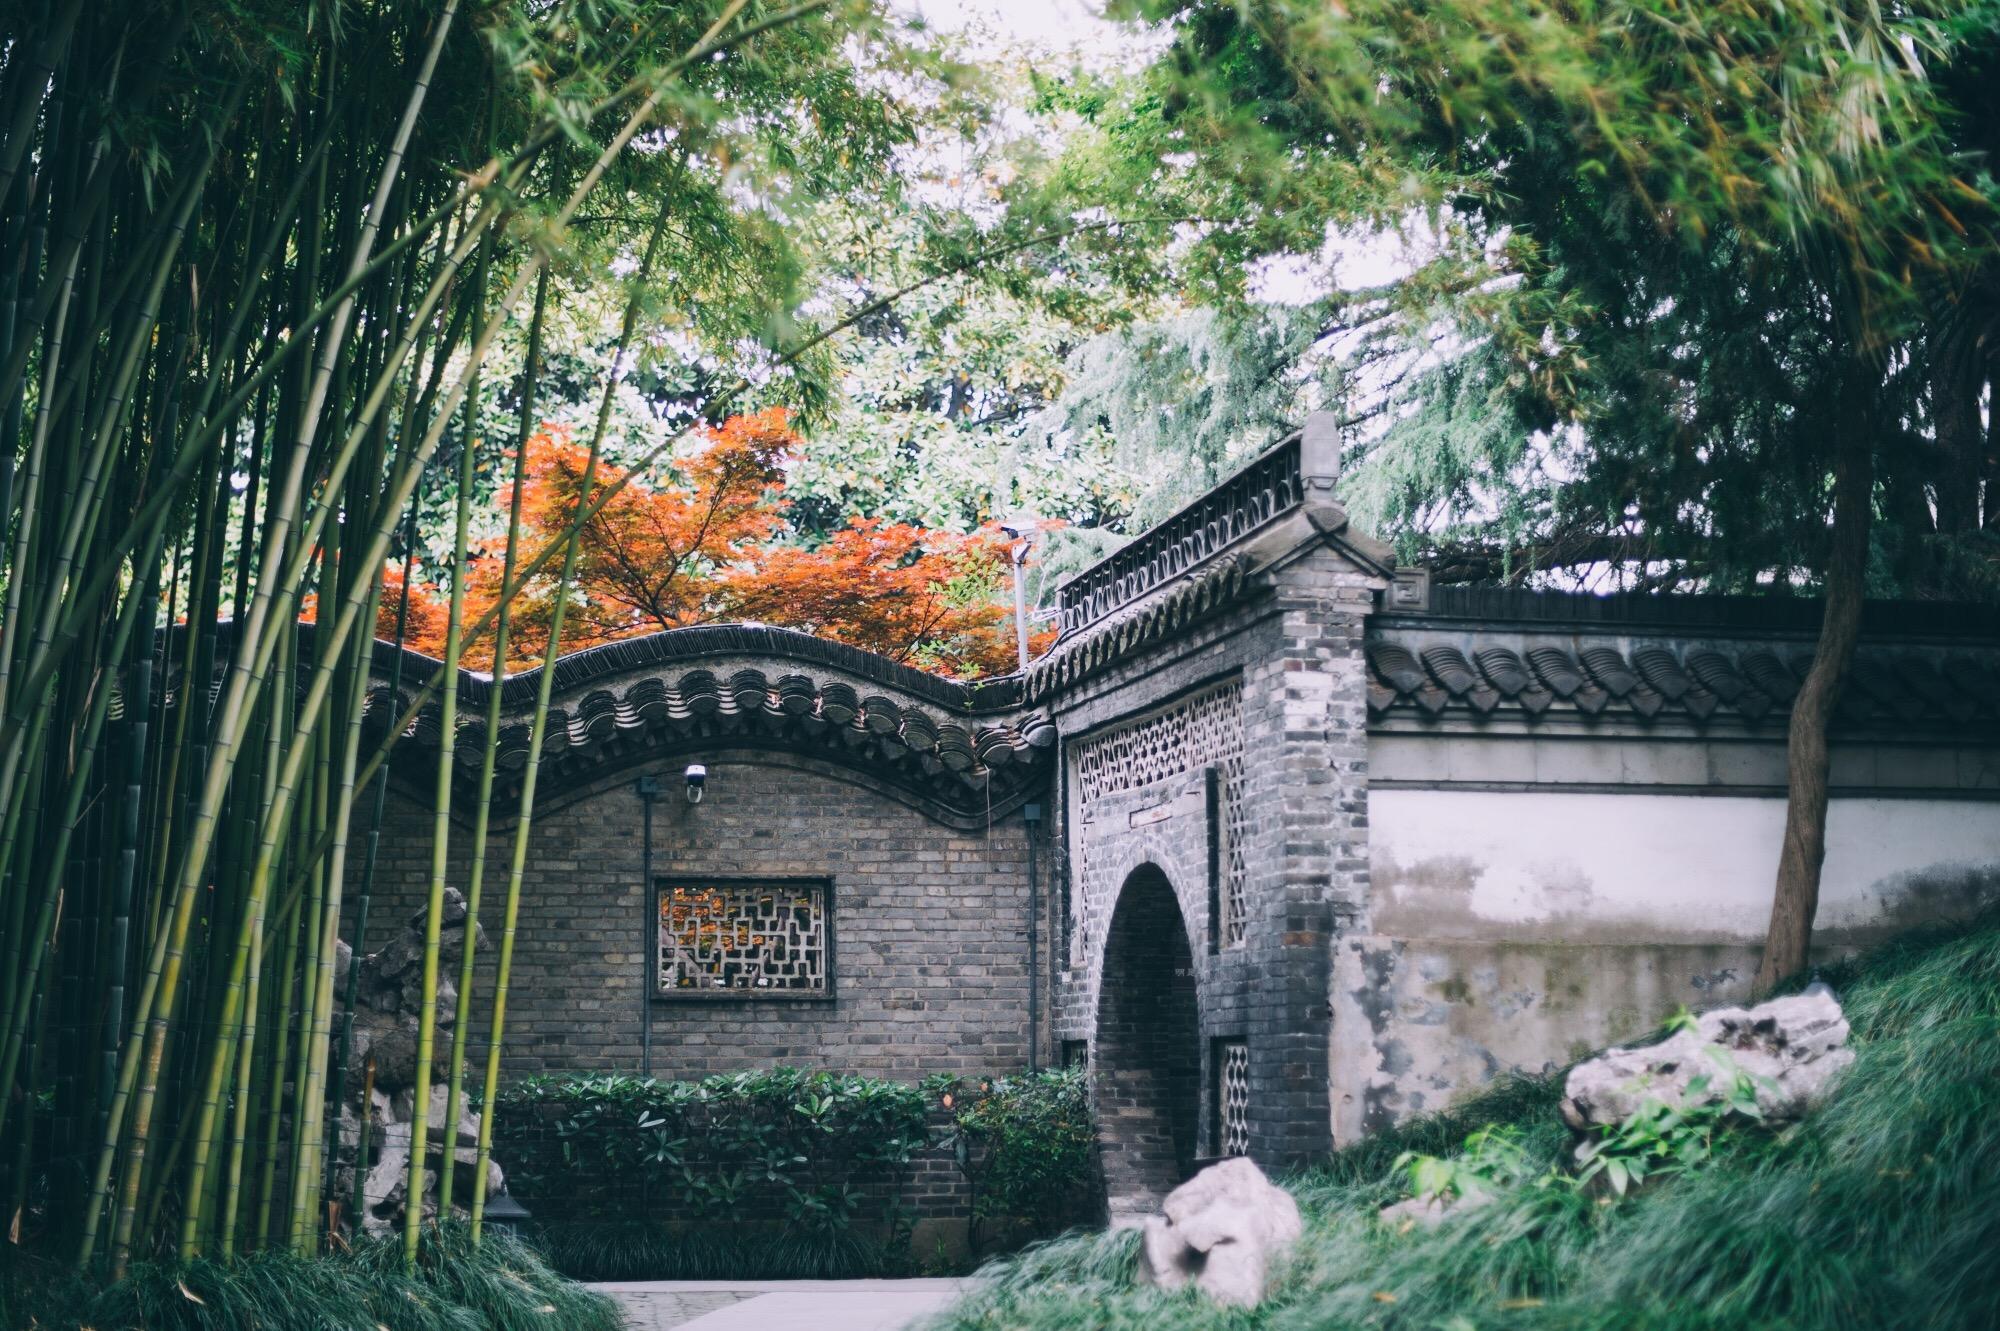 原創             泰州鬧市中藏著一座私宅大院,可媲美揚州園林,被譽為江左第一園